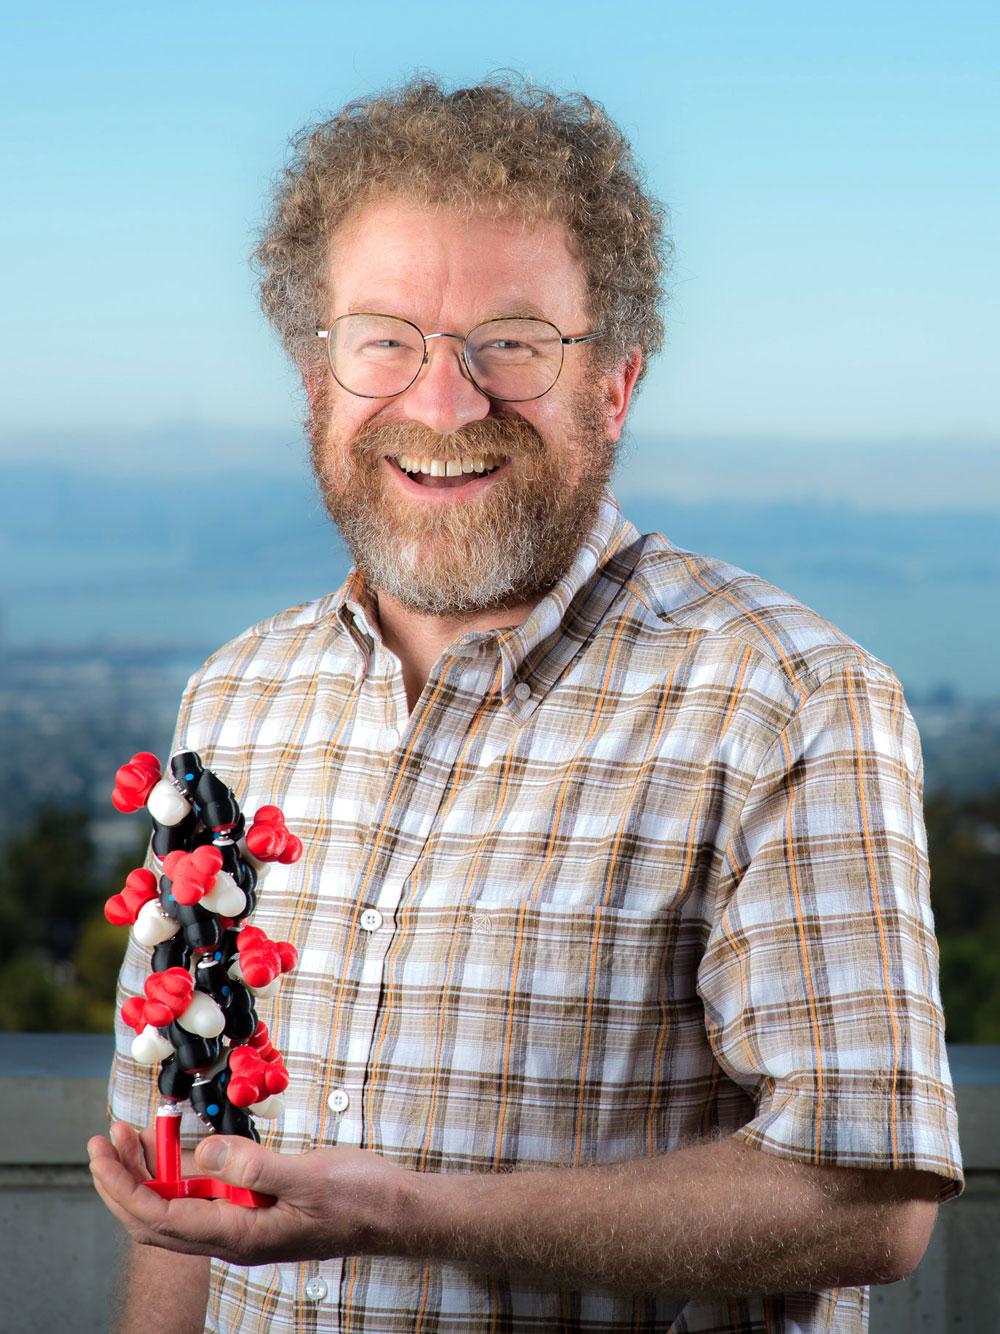 Рональд Цукерманн, химик Национальной лаборатории Лоуренса Беркли, демонстрирует модель одной из белковоподобных структур. Эта структура получена им наоснове искусственных полимеров, называемых пептоидами. Внастоящее время Цукерманн применяет пептоиды для проверки предсказаний новой гипотезы происхождения жизни